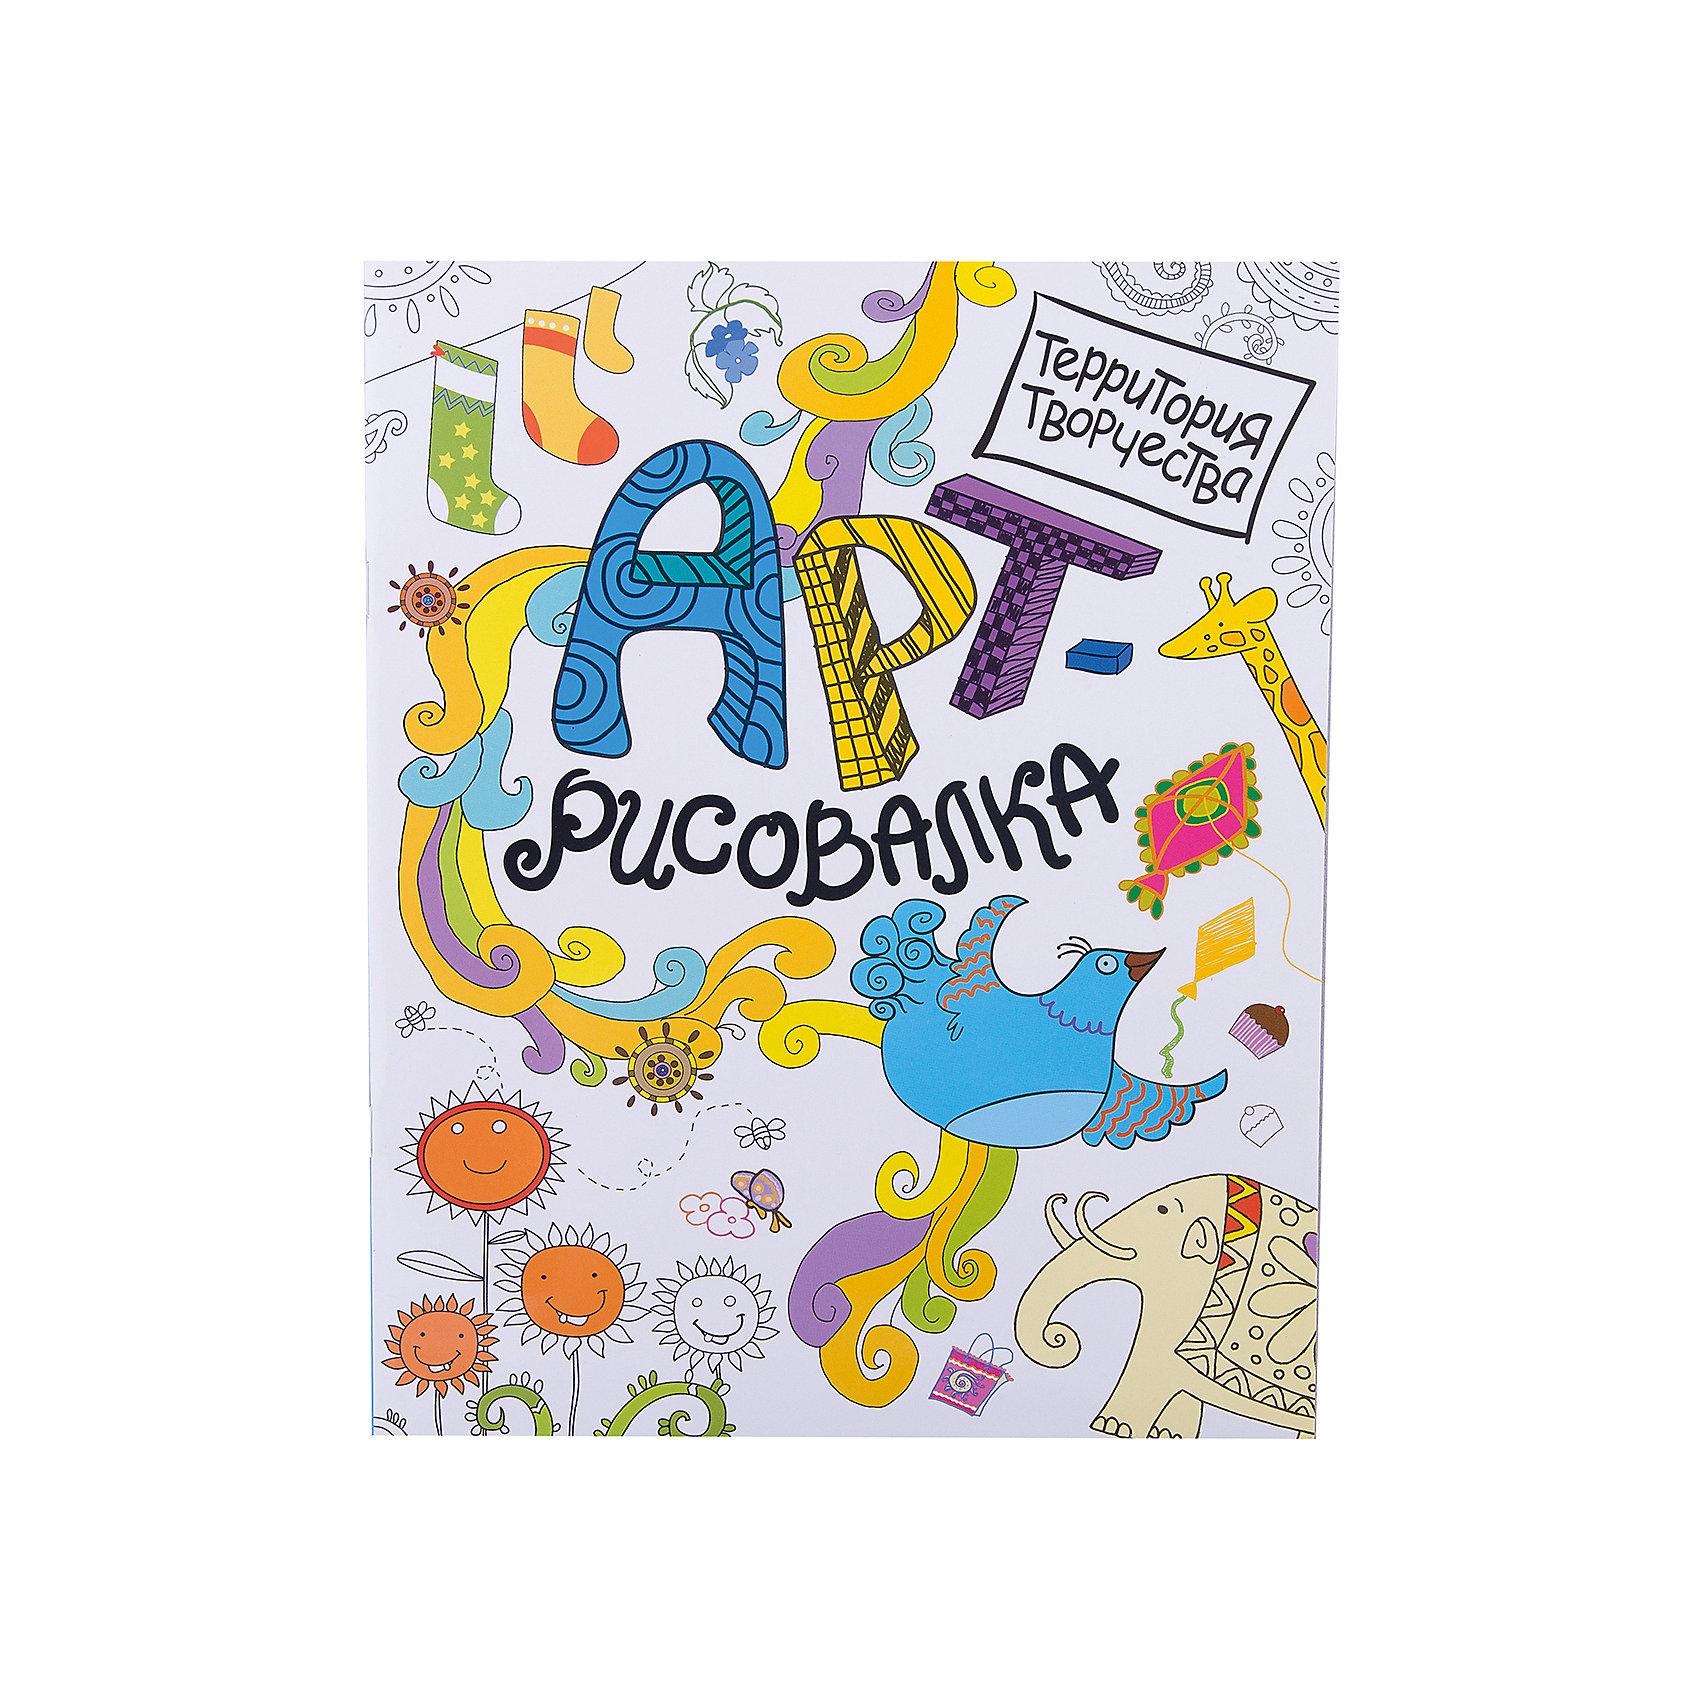 Арт-рисовалка Птица счастьяАрт-рисовалка Птица счастья - необычная раскраска и альбом для рисования, которая поможет Вашему ребенку развить свои творческие способности. Веселые креативные задания, необычные забавные персонажи и красочные картинки открывают неограниченный простор для творческой фантазии. Арт-рисовалки - это территория творчества!<br><br>Дополнительная информация:<br><br>- Обложка: мягкая.<br>- Иллюстрации: цветные + черно-белые.<br>- Объем: 16 стр.<br>- Размер: 27,5 х 21,2 х 0,2 см.<br>- Вес: 73 гр.<br><br>Арт-рисовалку Птица счастья, Росмэн, можно купить в нашем интернет-магазине.<br><br>Ширина мм: 275<br>Глубина мм: 212<br>Высота мм: 2<br>Вес г: 73<br>Возраст от месяцев: 18<br>Возраст до месяцев: 48<br>Пол: Унисекс<br>Возраст: Детский<br>SKU: 4046792